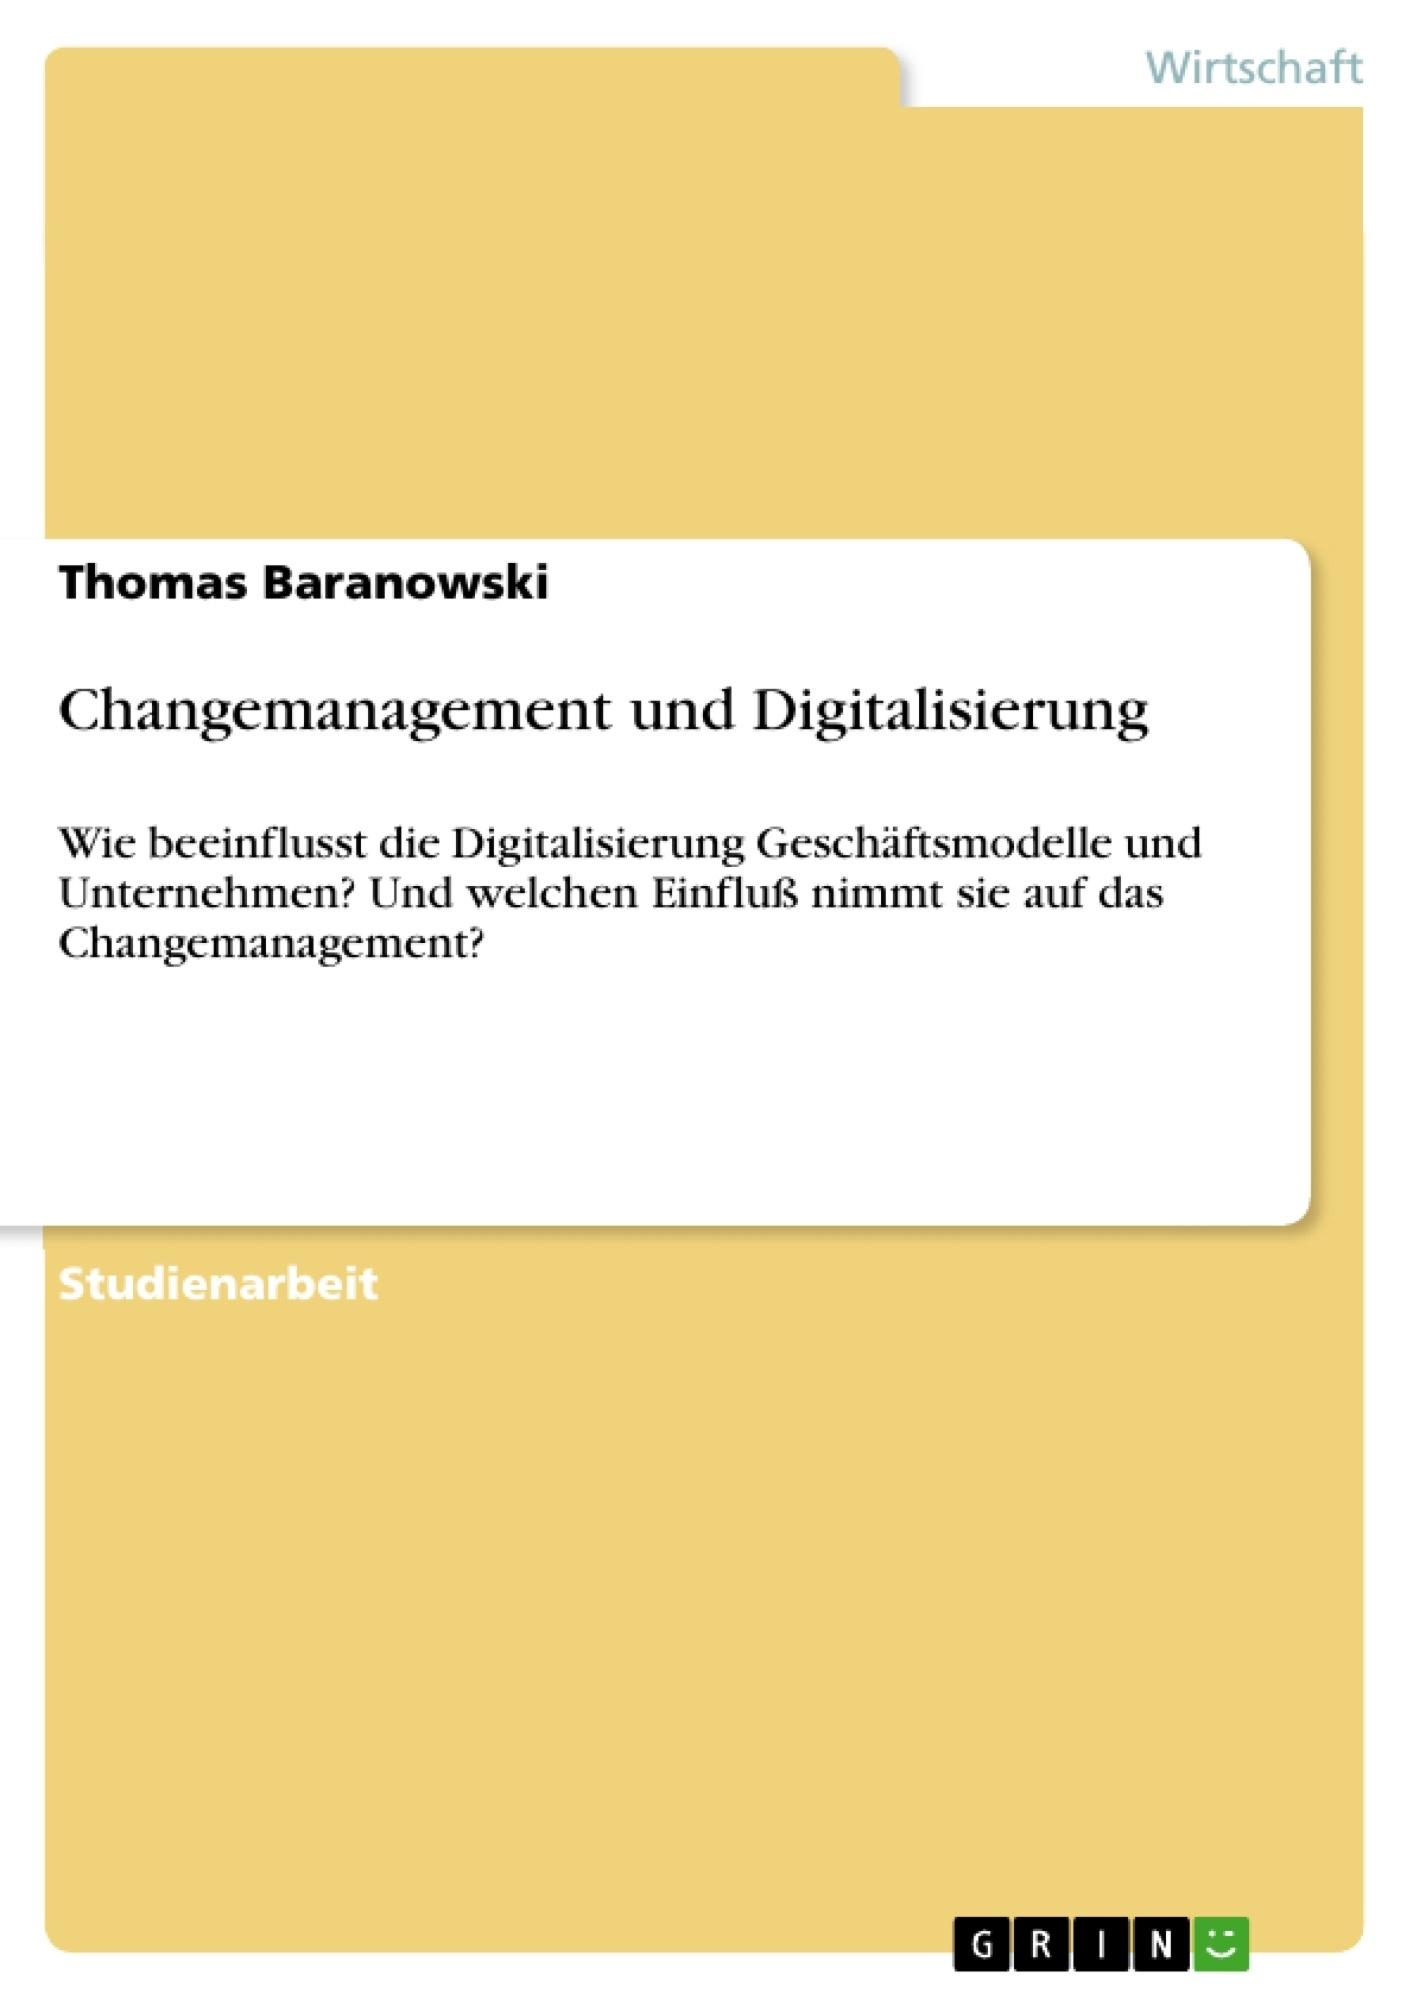 Titel: Changemanagement und Digitalisierung